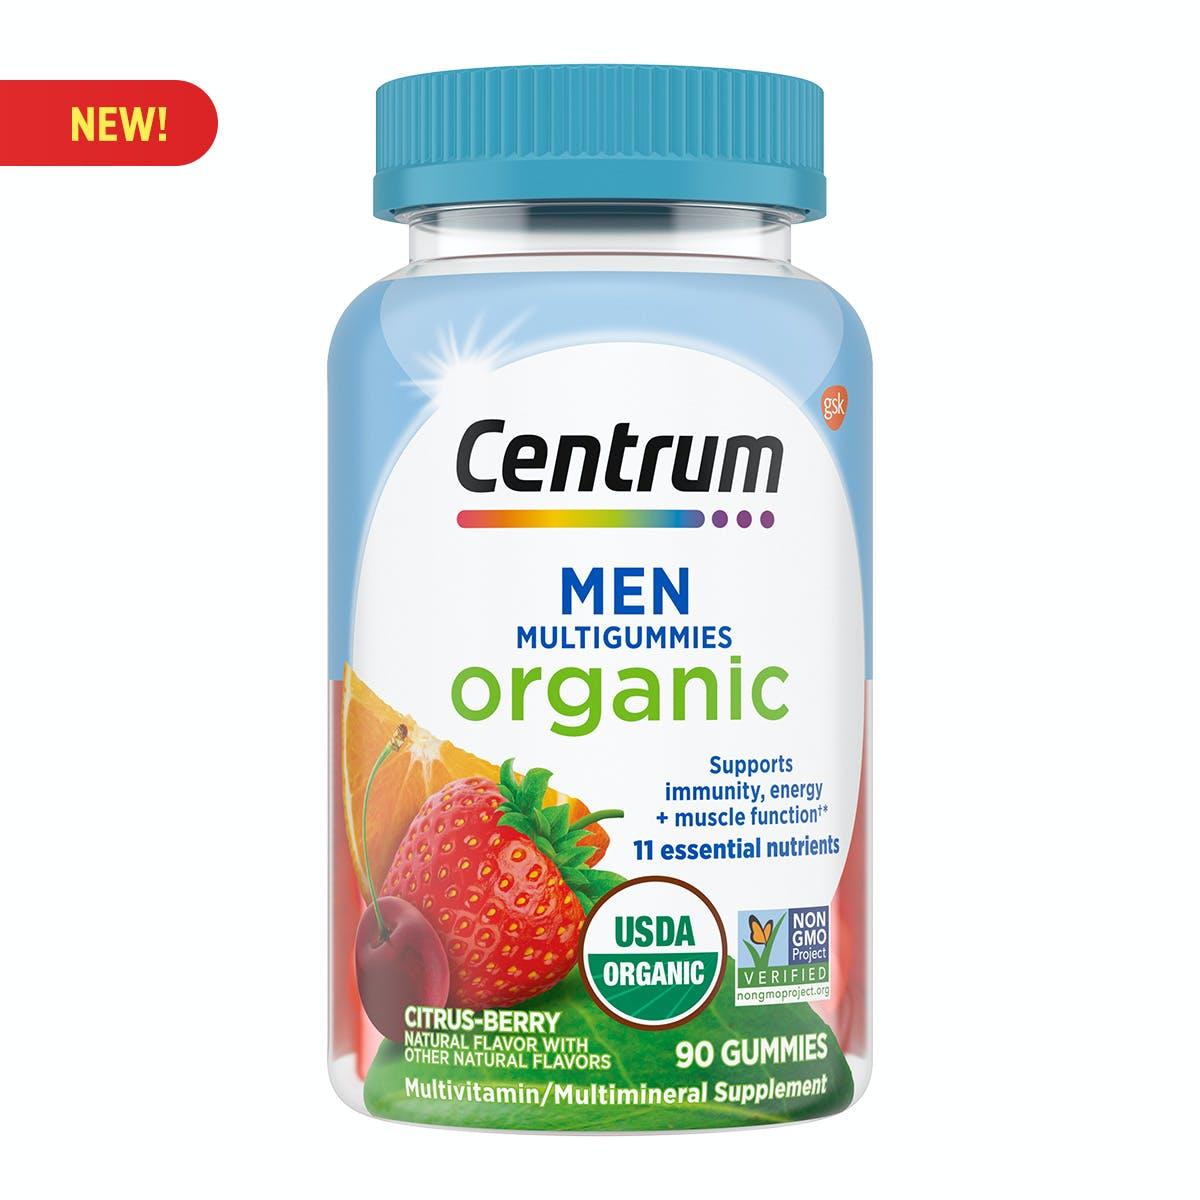 Centrum Organic Men Multigummies